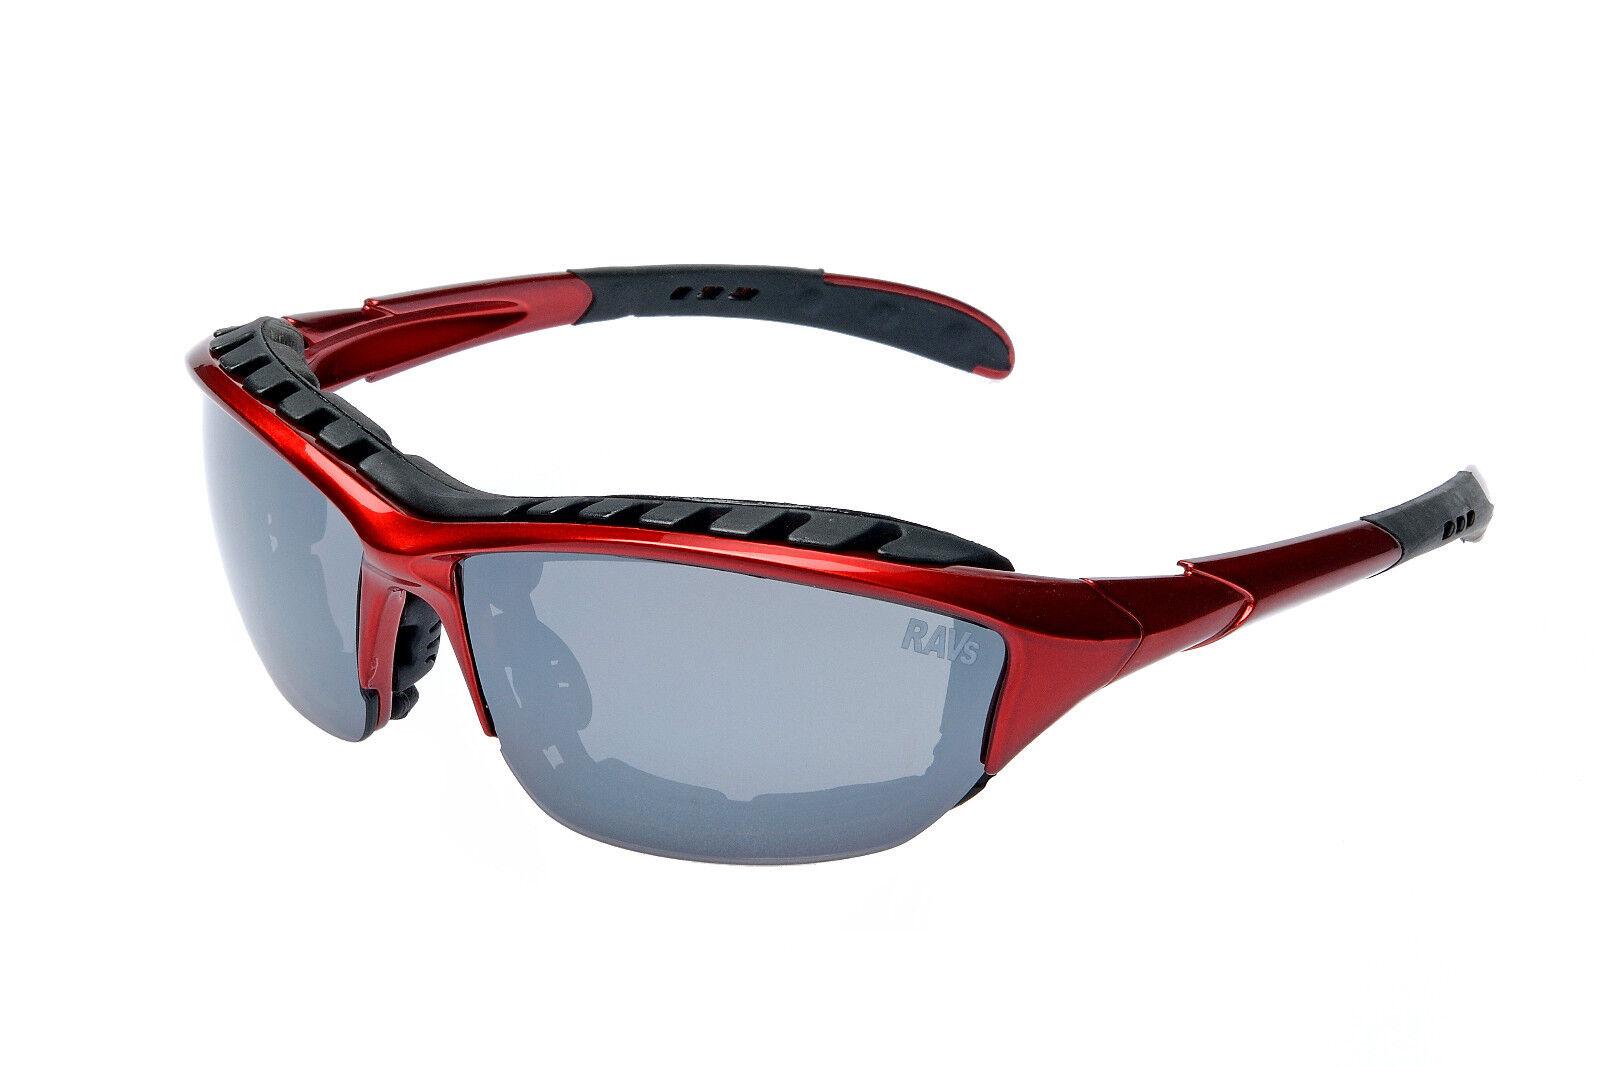 Brillen Dames: accessoires Ravs Rabrille Fahrradbrille Radsportbrille Schutzbrille Triathlonbrille blau